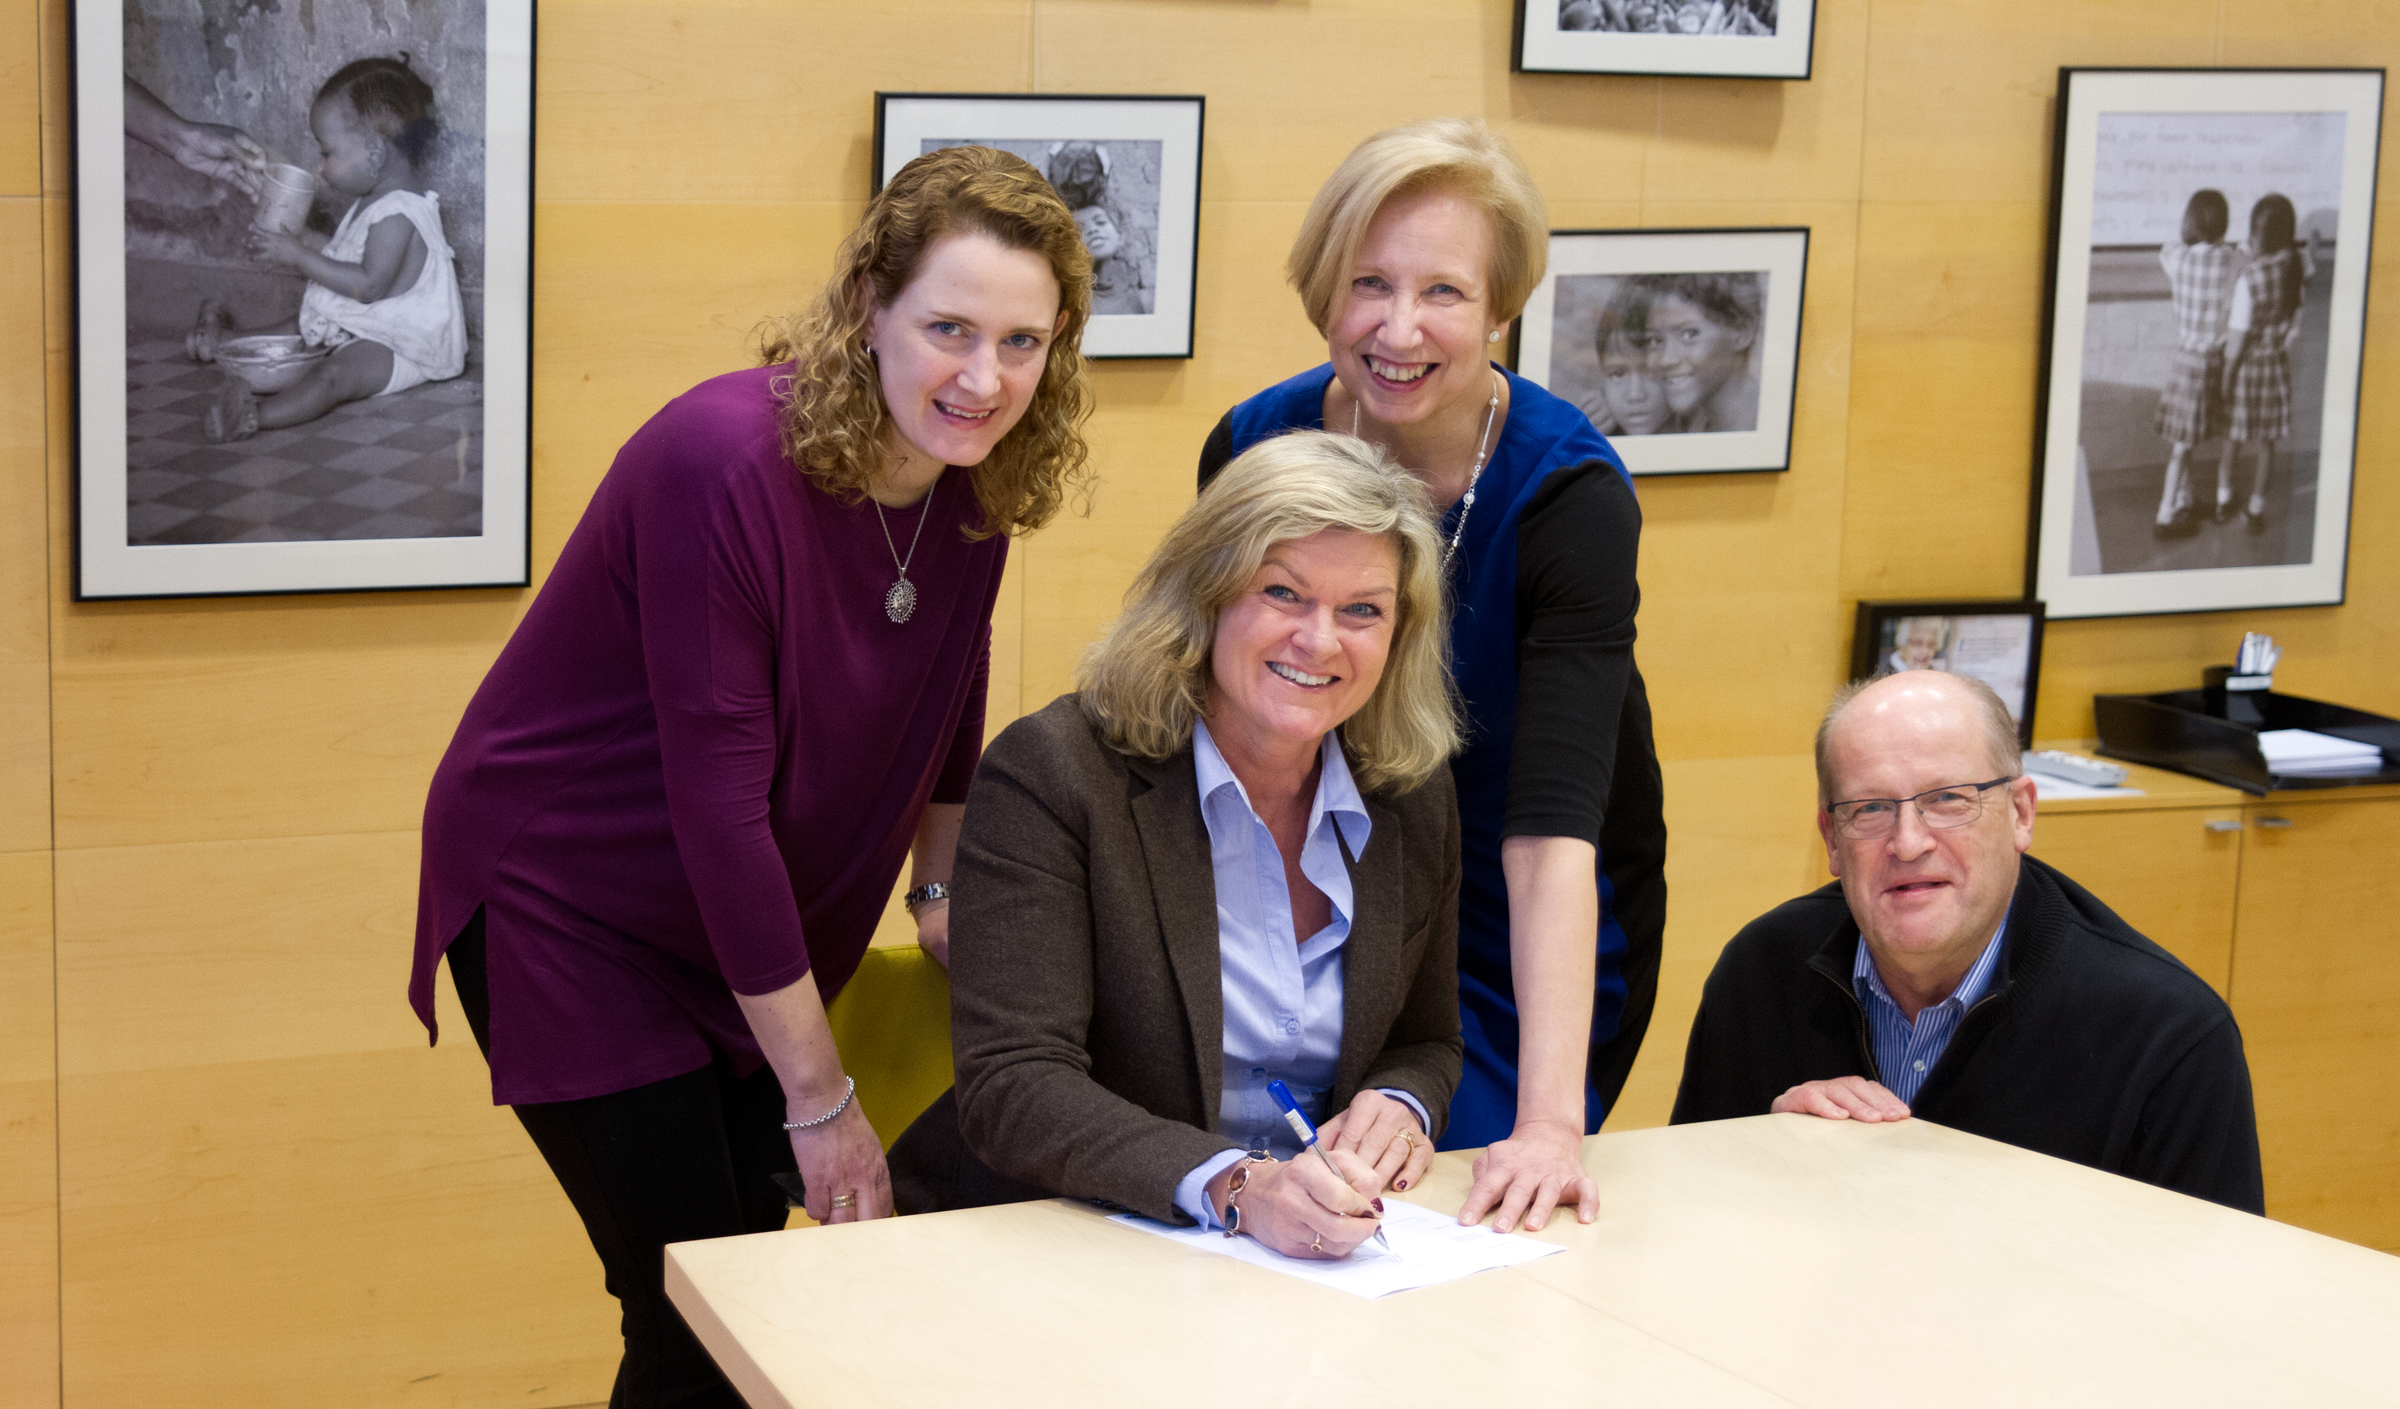 Pia Alsi, Maria Bondestam, Marja-Riitta Ketola ja Mikael Doktar allekirjoittivat lahjoitussopimuksen Suomen UNICEFin toimistolla.